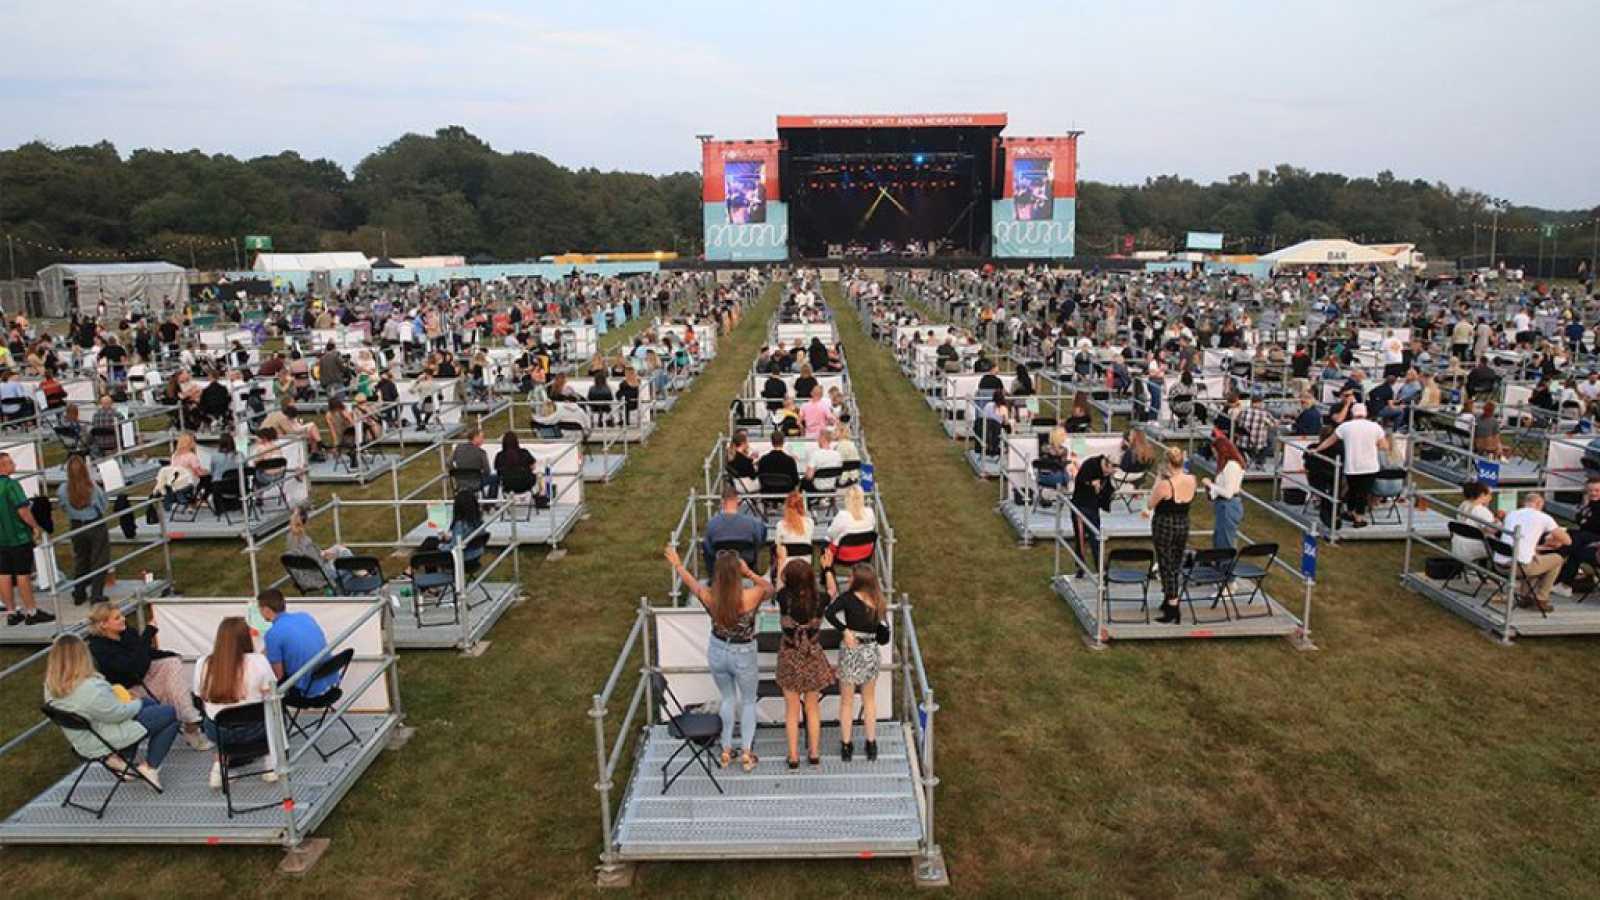 Reino Unido celebra su primer concierto al aire libre con distancia de seguridad